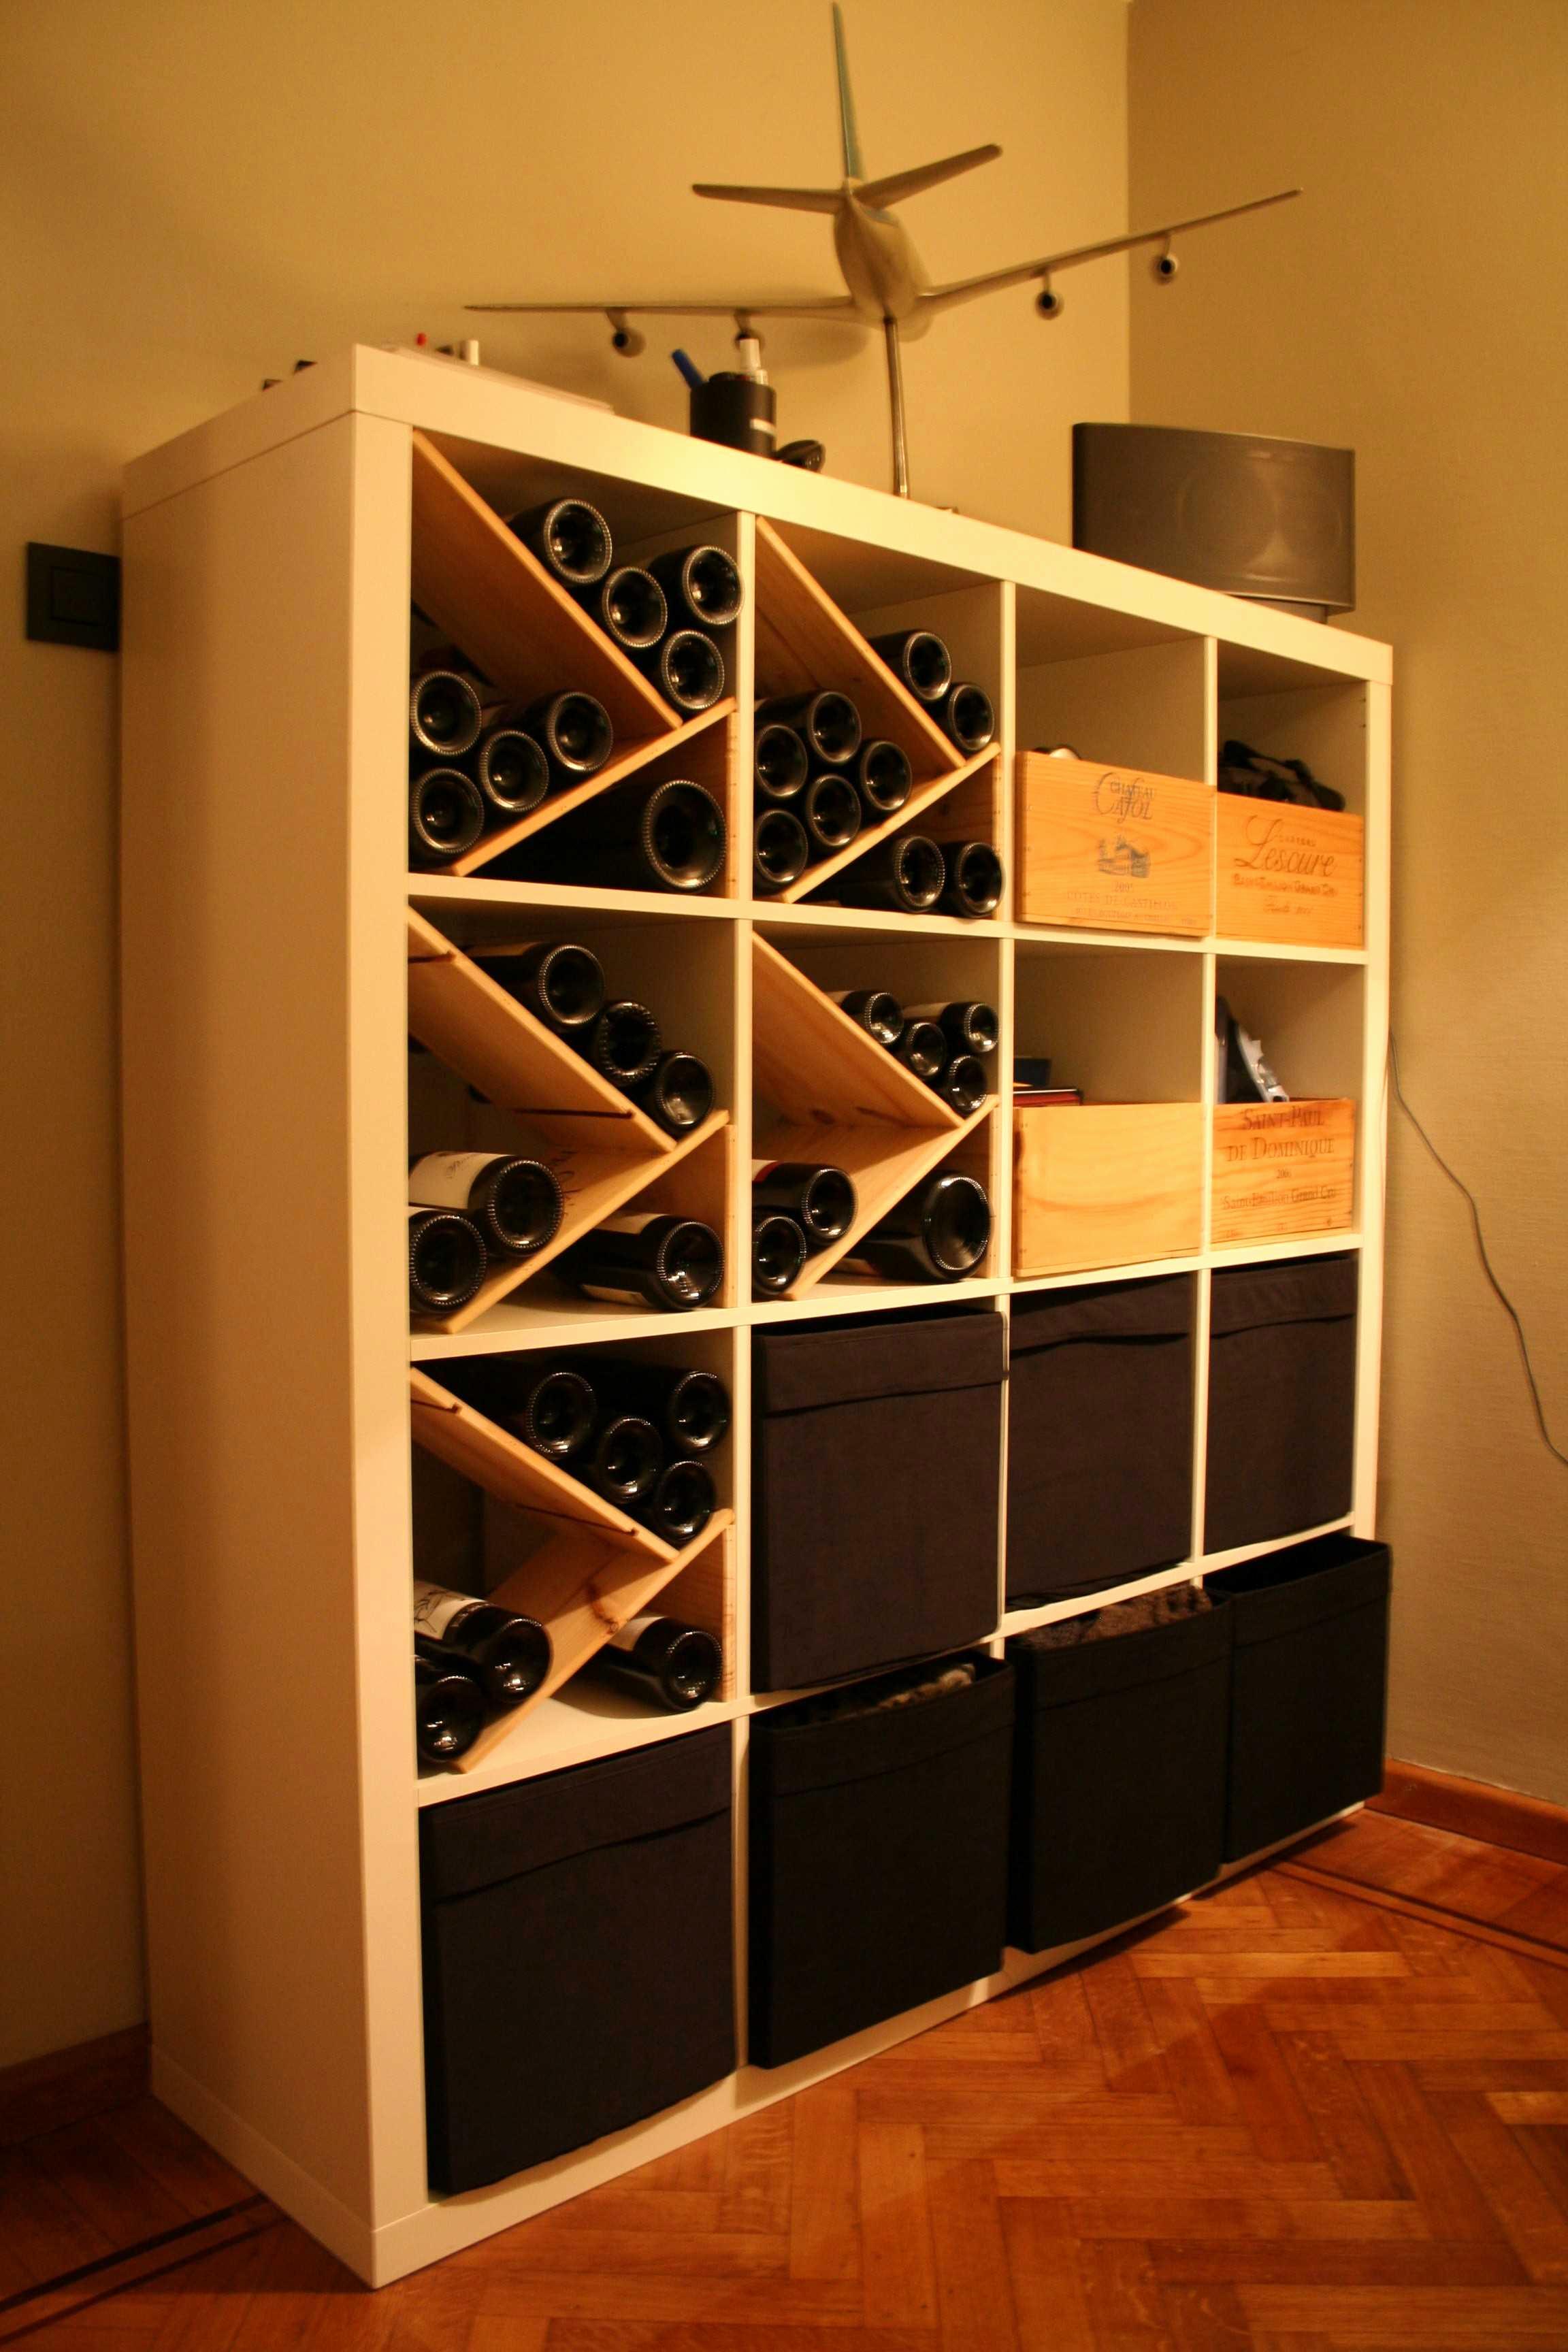 Casier Terre Cuite Vin Leroy Merlin Impressionnant Stock Casier Bouteille Terre Cuite Leroy Merlin Frais Casier A Bouteille